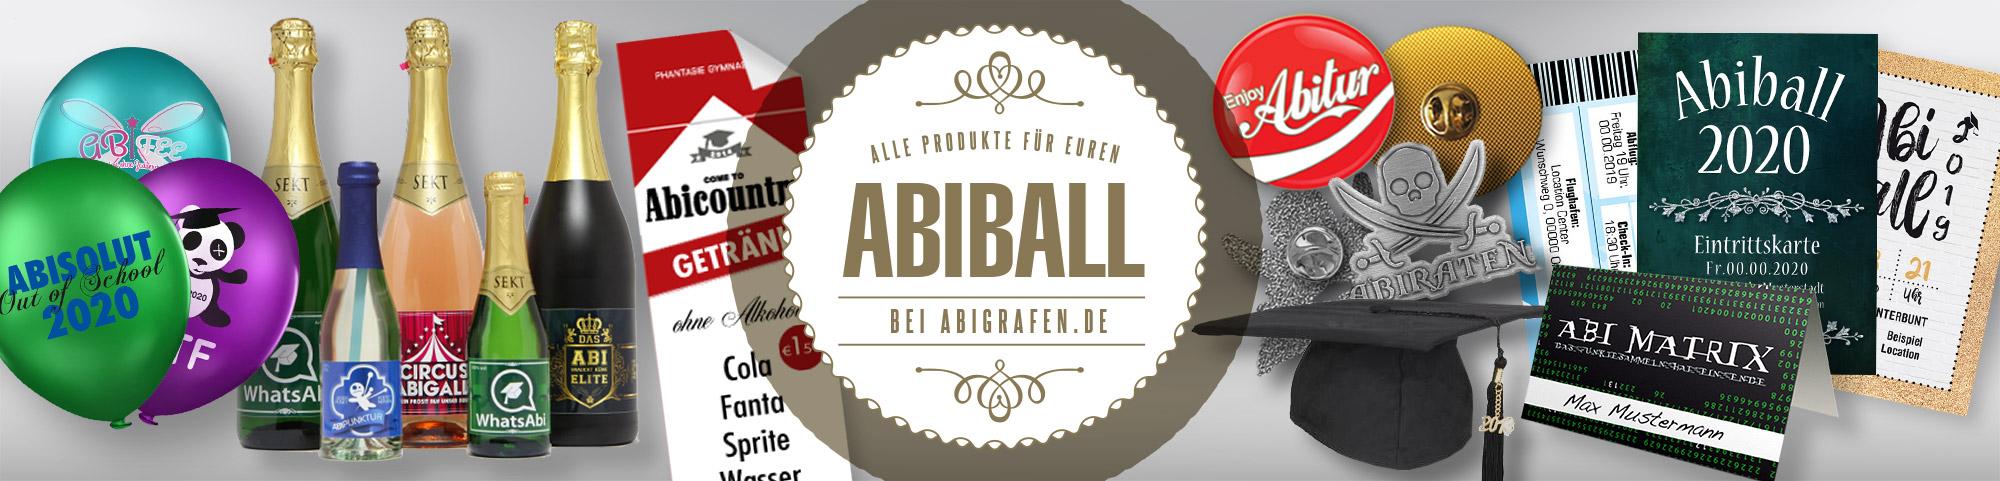 Abiball Druckkosten anfragen für individuelle Eintrittskarten, Programmhefte, Tischkarten, Stempel, Wertmarken, Anstecknadeln, Sektflaschen mit Abimotto